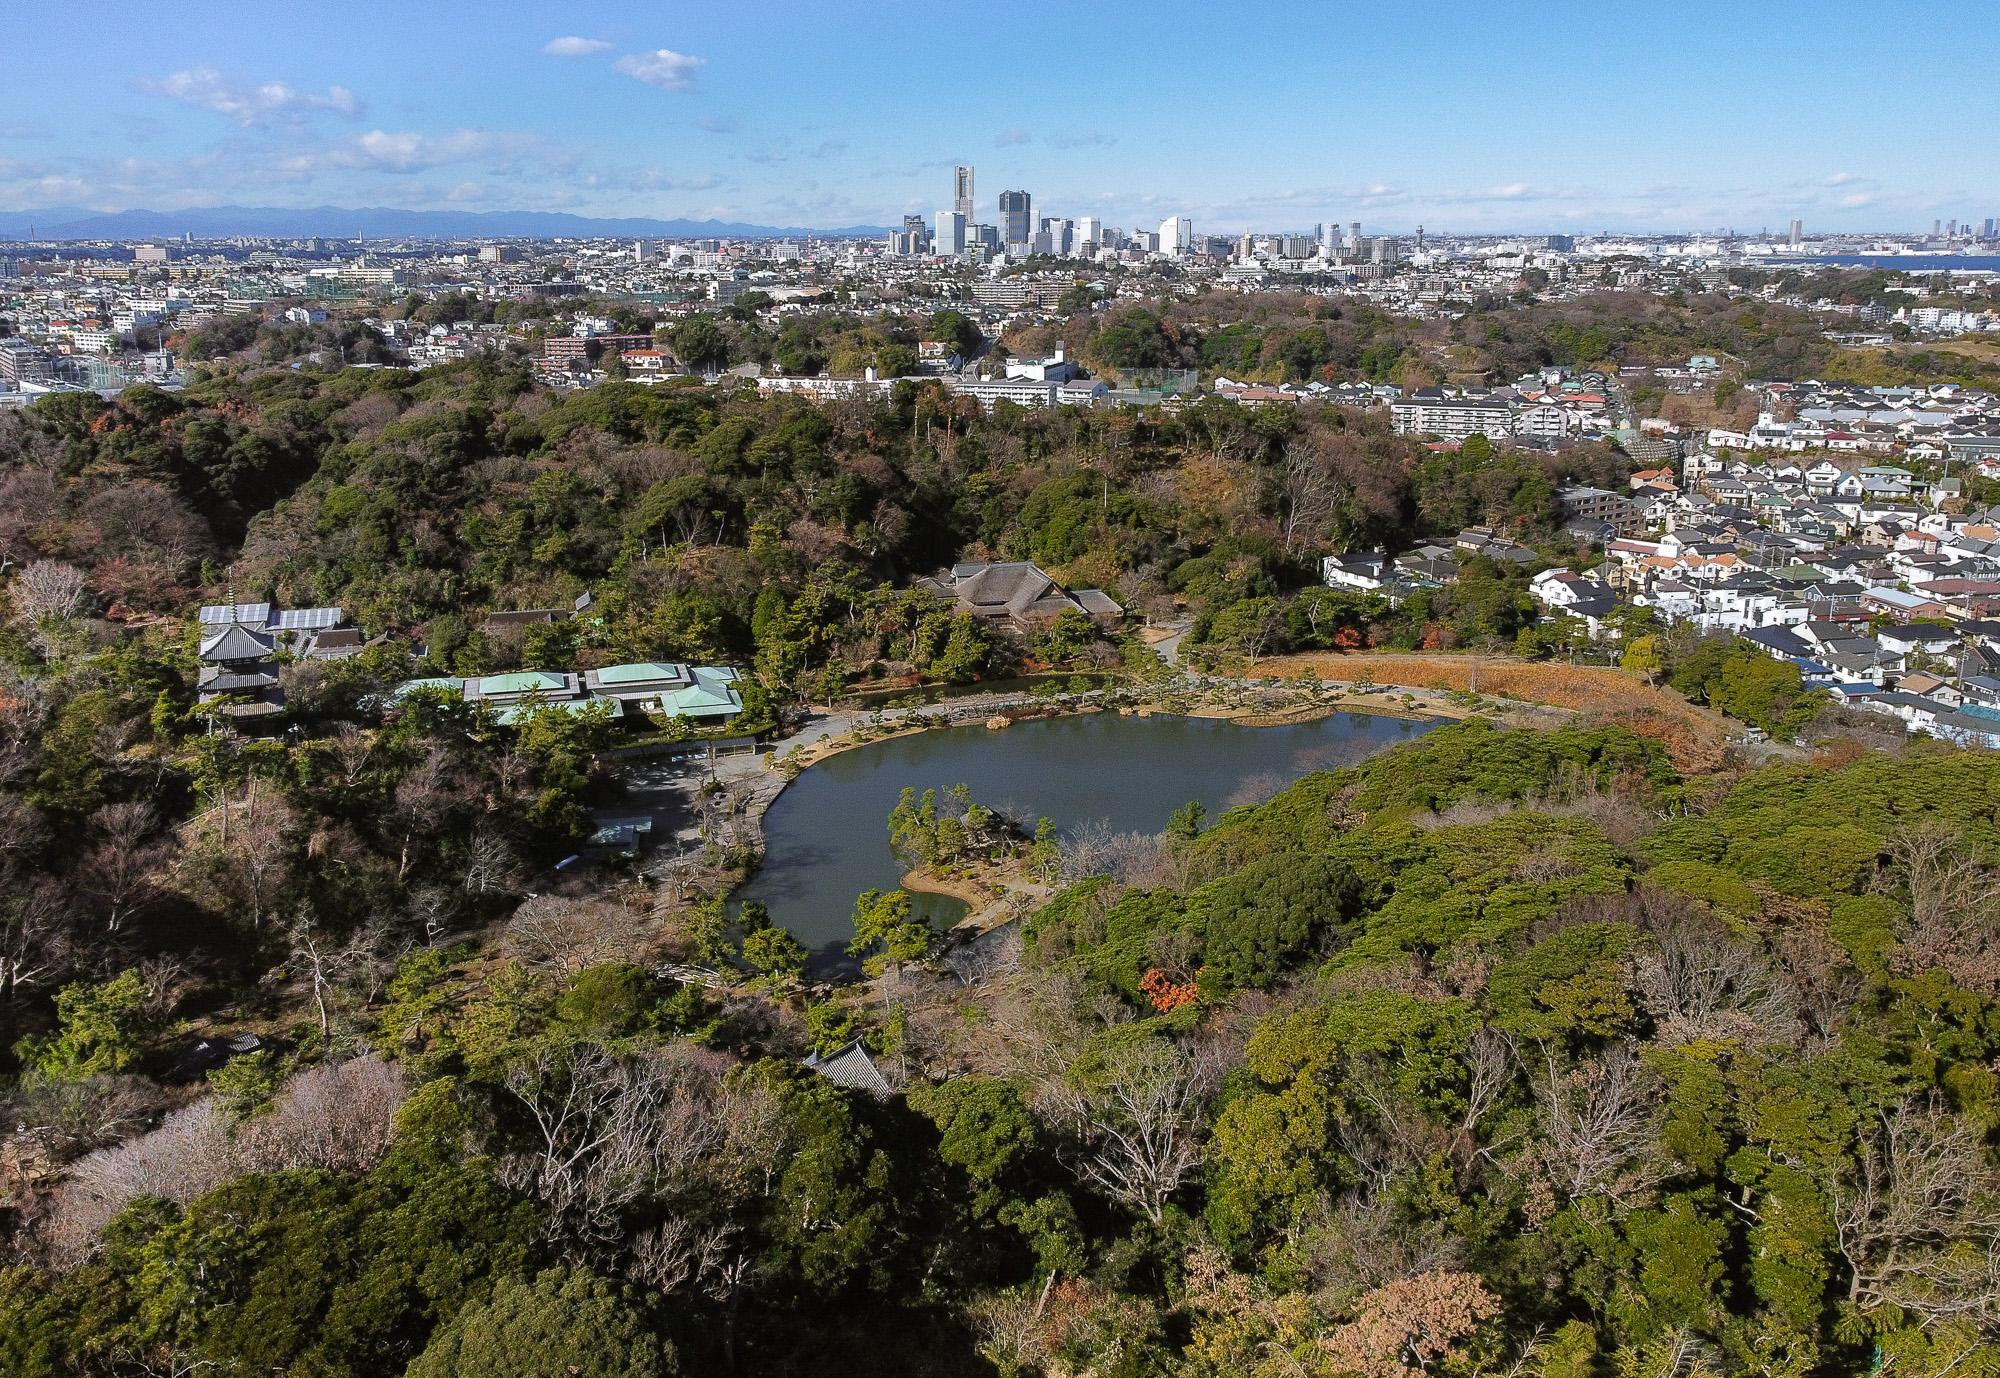 Mūsu mīļais tradicionālais japāņu dārzs - Sankeien. Tālāk vēl daži parki un pavisam tālāk Yokohamas centra debesskrāpji. Tie nemaz nav tik tālu. Reizi pa reizei nostaigājam visu to gabalu līdz pat mājām. Ar velo pavisam ātri.